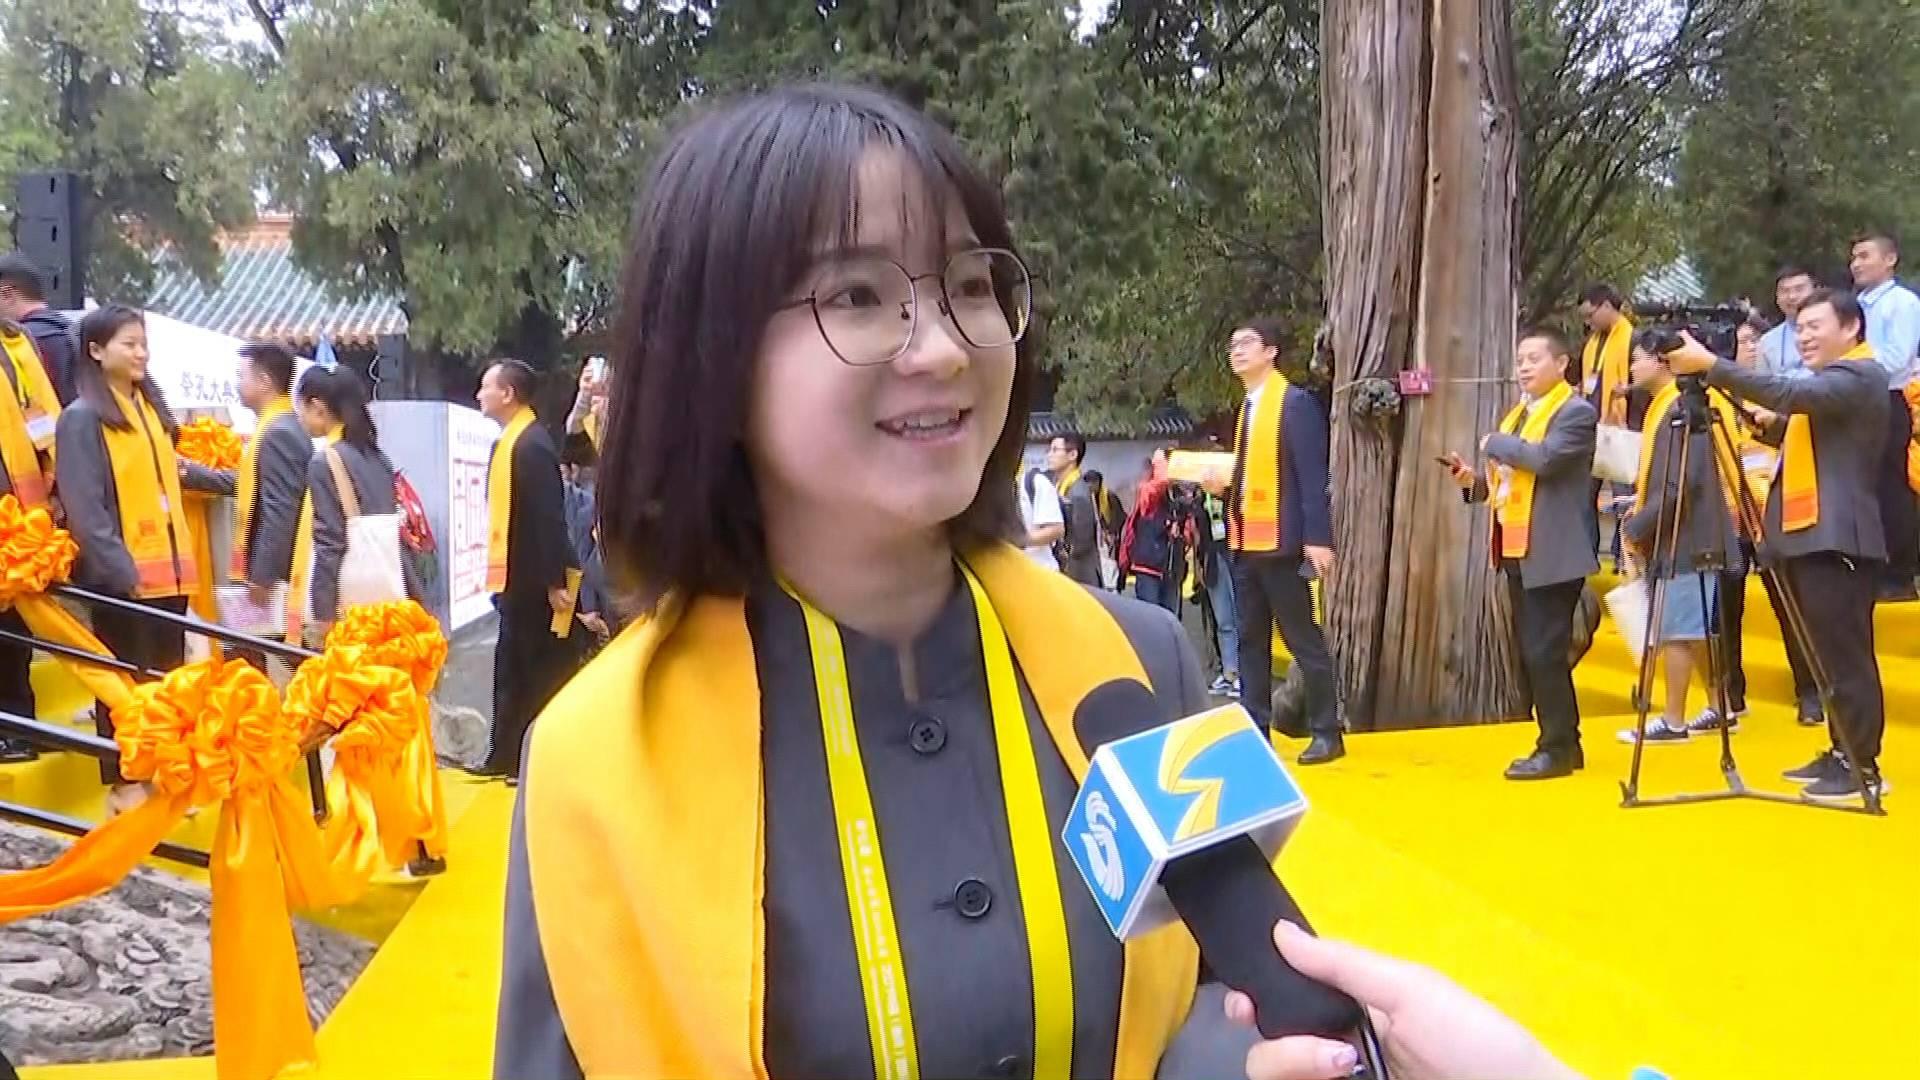 山东大学儒学高等研究院博士生张唐宁:更能感受到中华传统文化对于世界各民族的影响力和吸引力